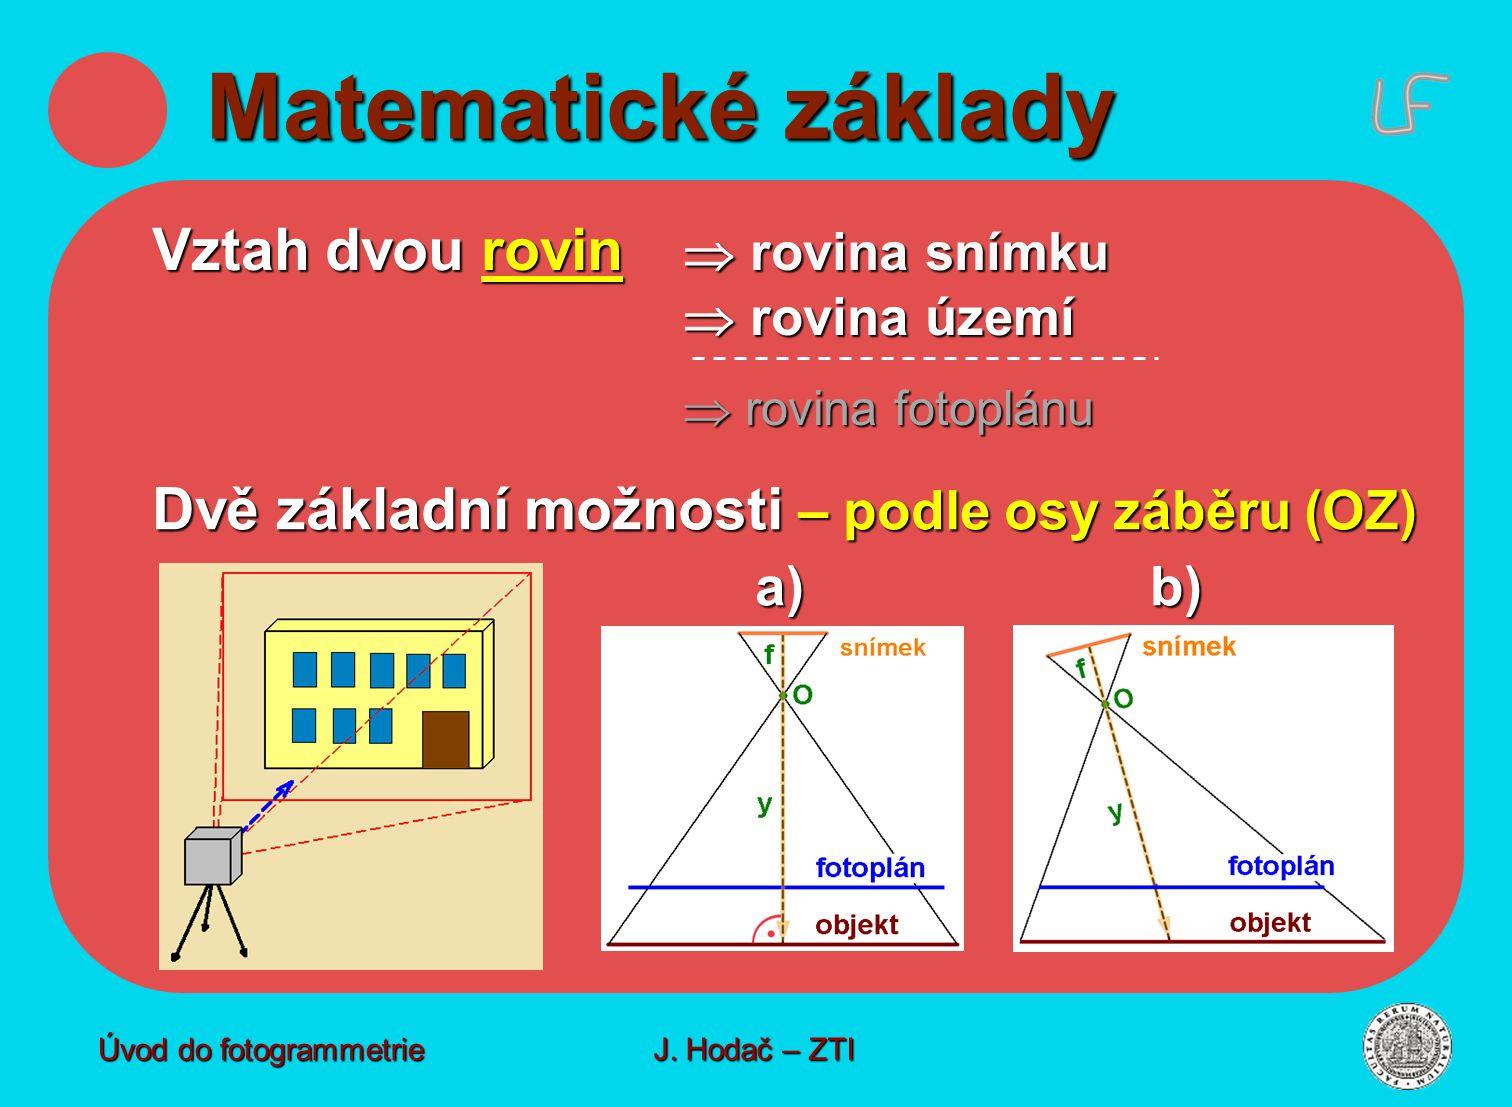 Vztah dvou rovin  rovina snímku  rovina území  rovina fotoplánu Dvě základní možnosti – podle osy záběru (OZ) a)b) Matematické základy Matematické základy Úvod do fotogrammetrie J.